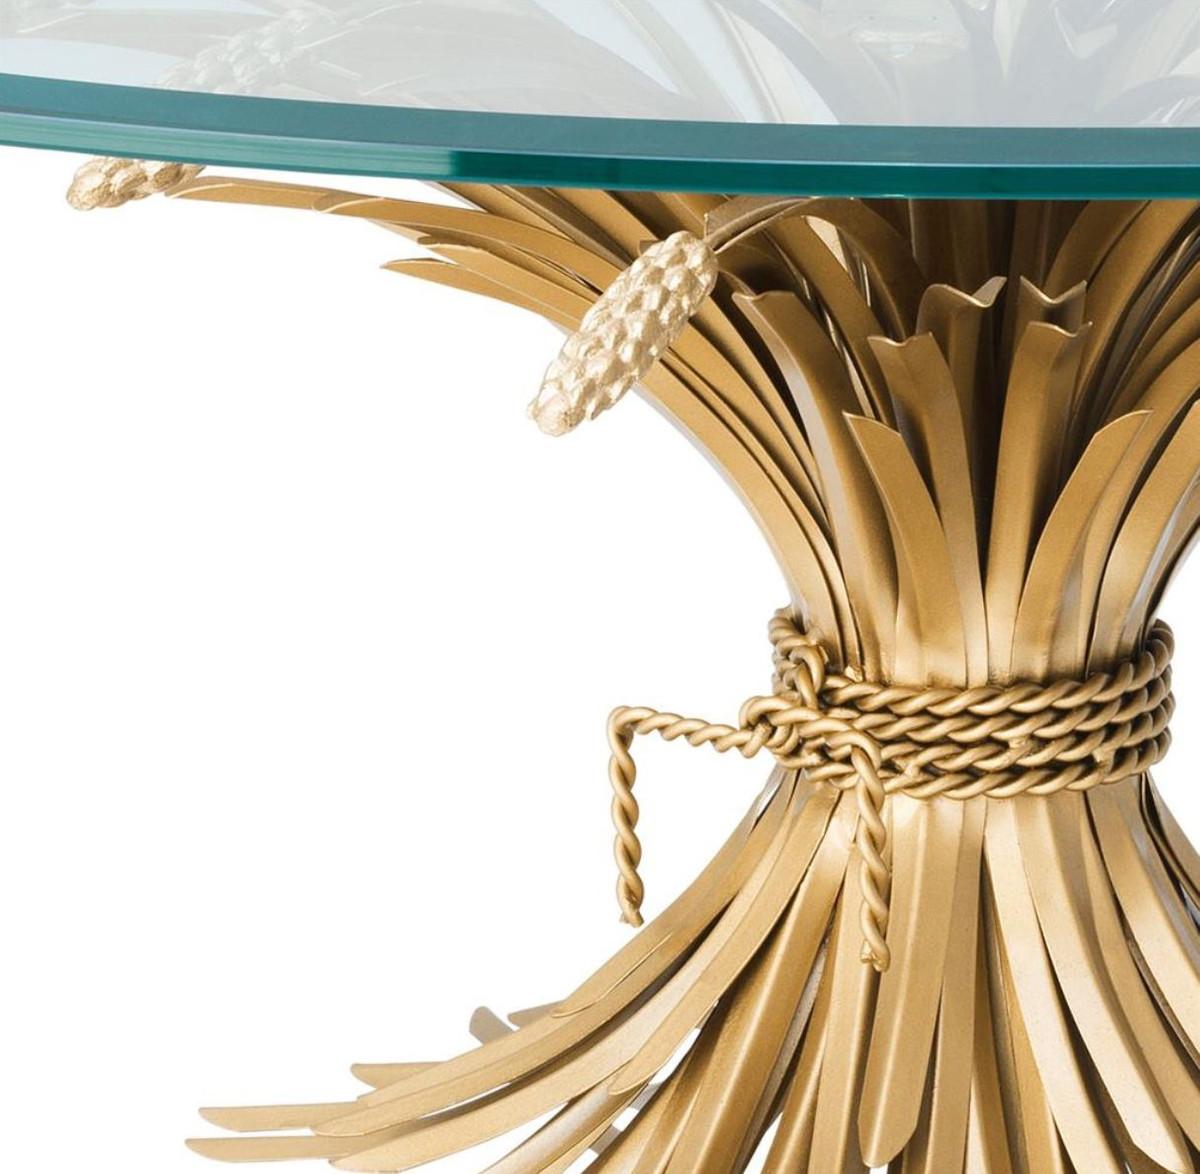 Casa padrino luxus couchtisch wohnzimmertisch antik gold 90 x h 43 cm designerm bel - Wohnzimmertisch antik ...